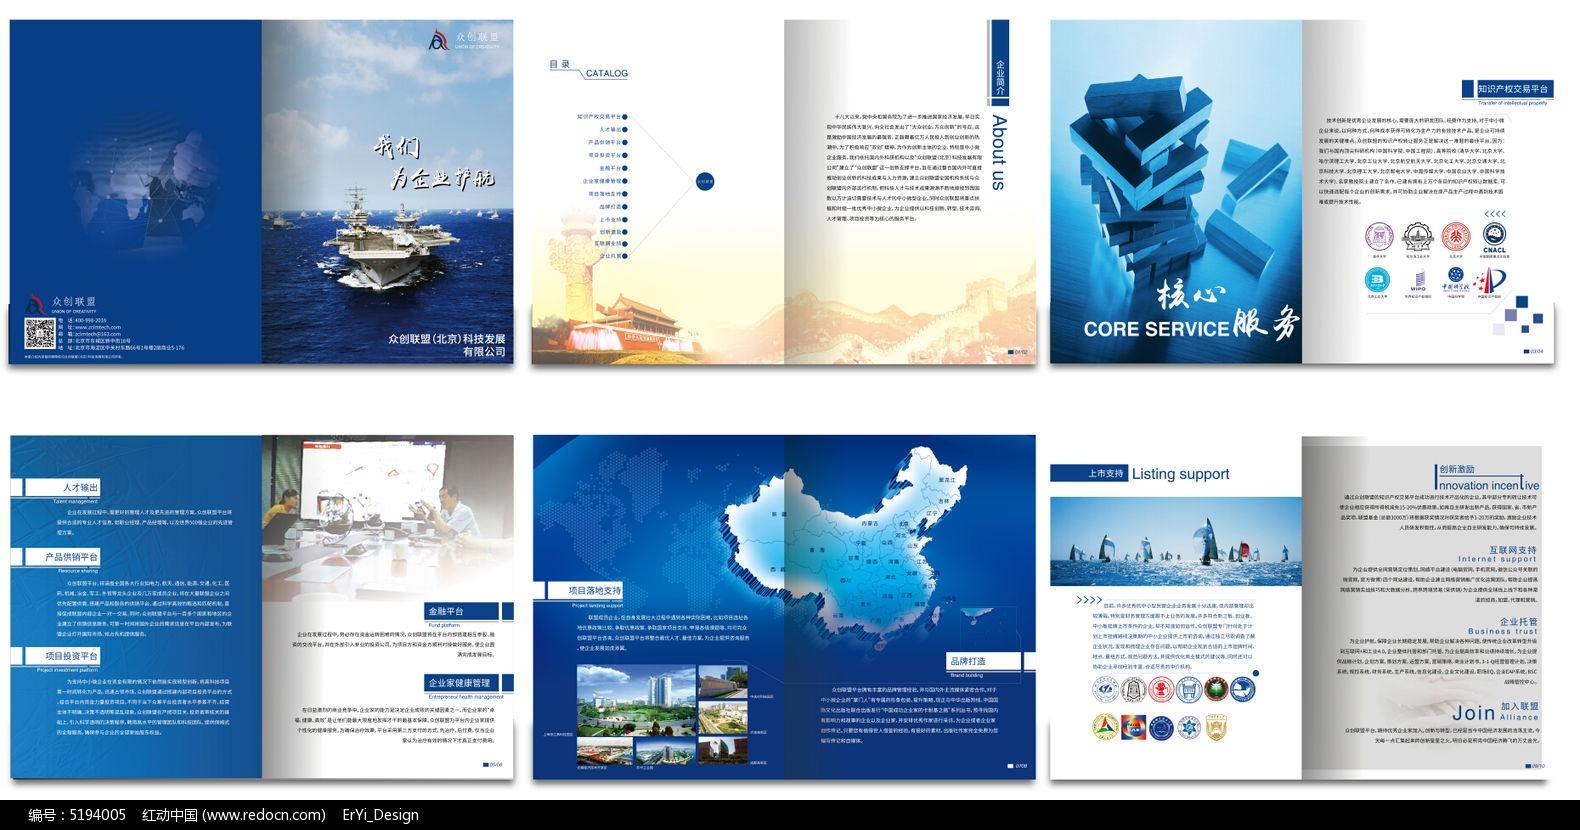 企业宣传册设计ai素材下载图片